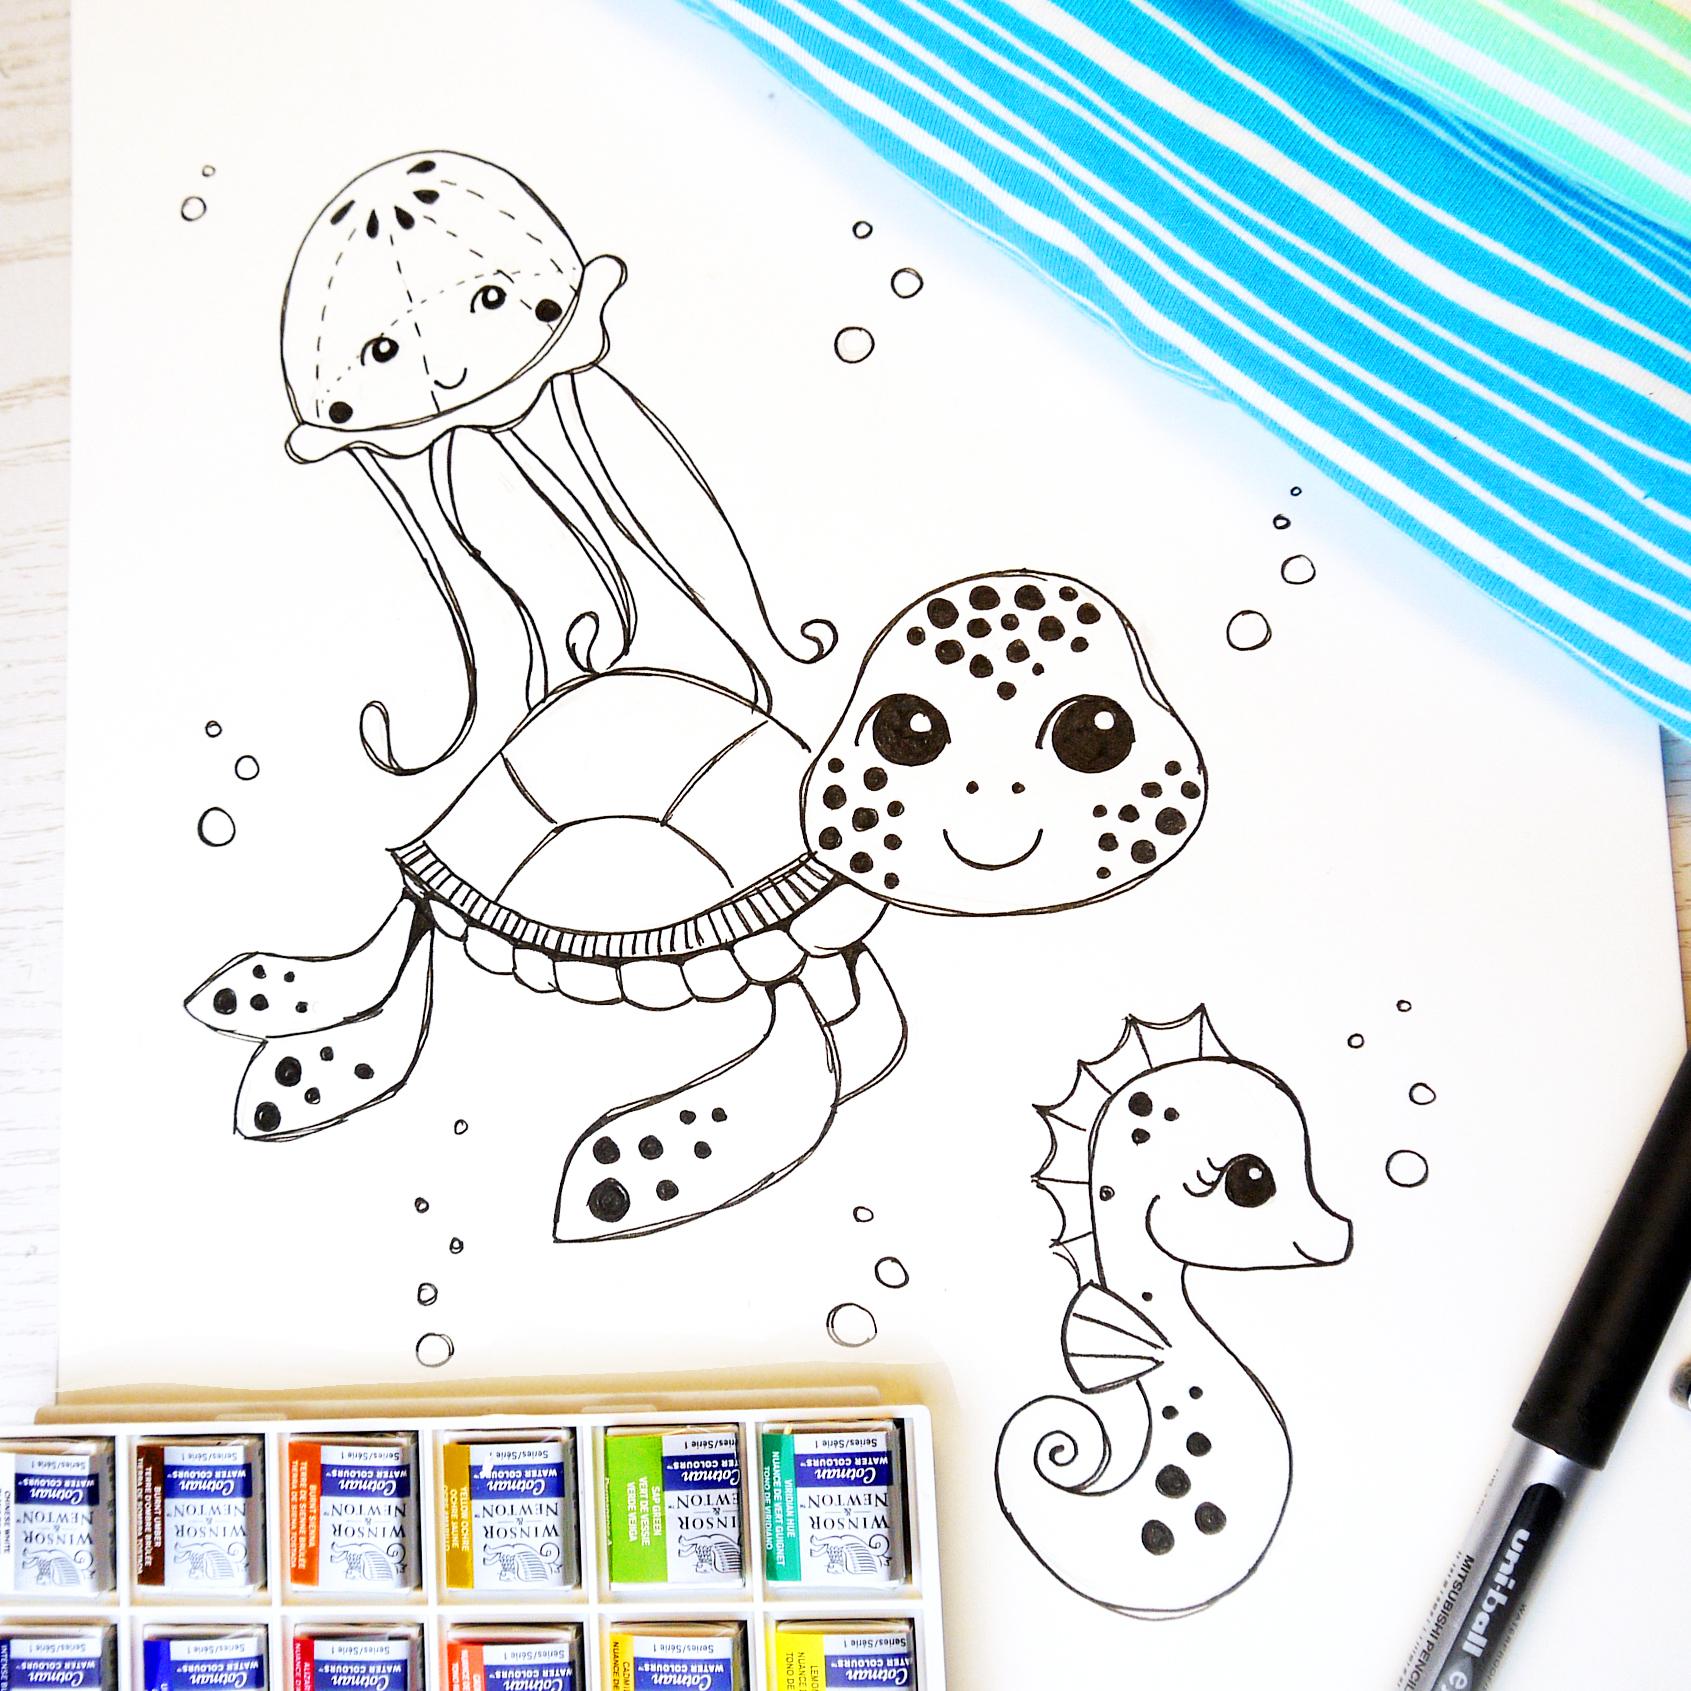 Textile Designs, Surface Designs, Illustration, textildesign, stoffdesign, Rebekah Ginda, seepferdchen, schildkröte, turtle